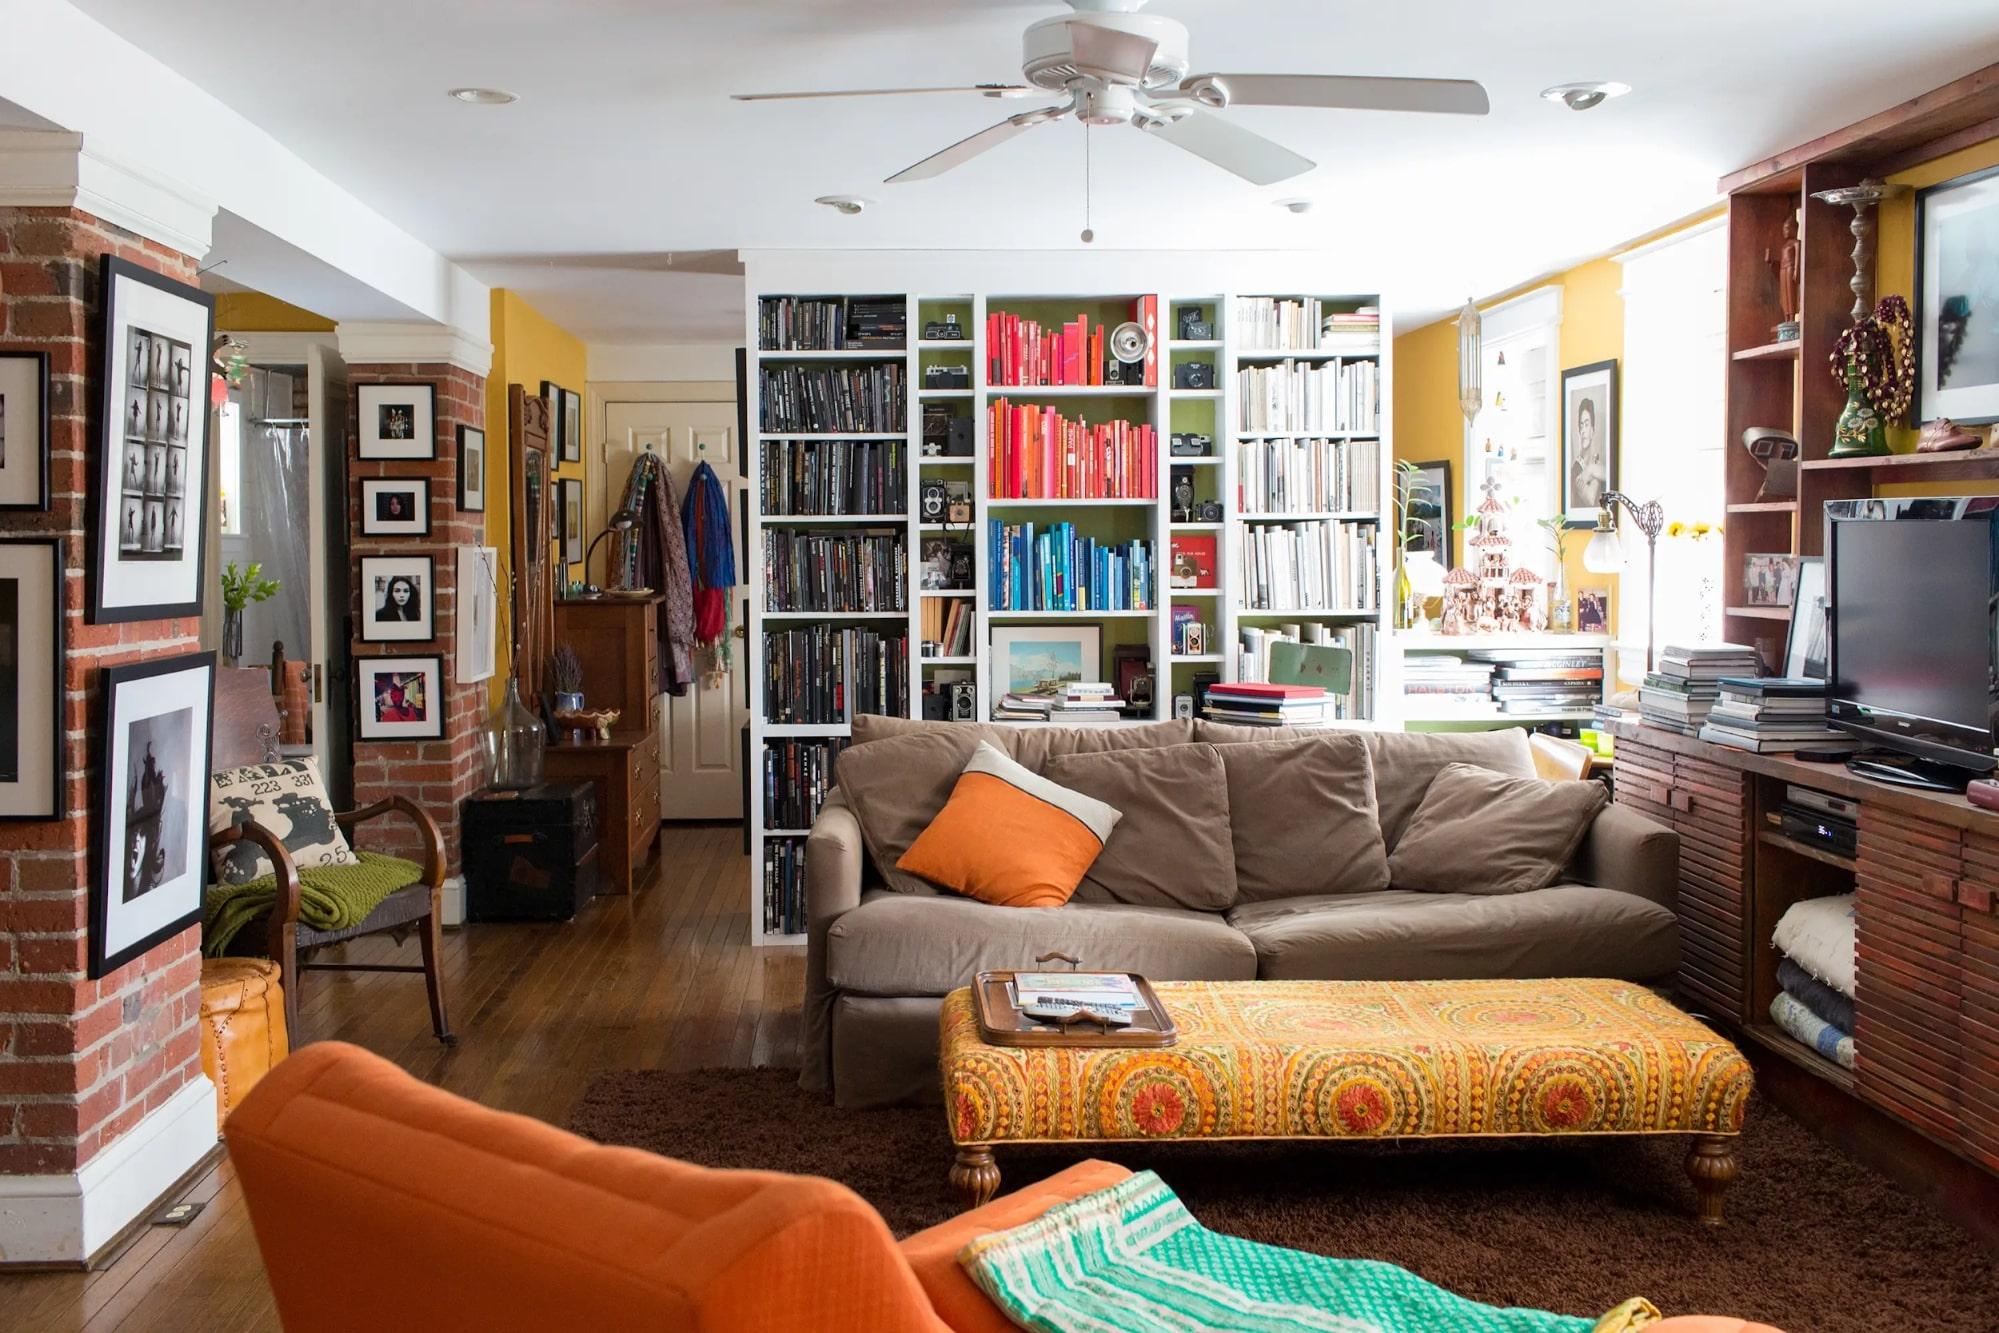 thiết kế nội thất theo xu hướng